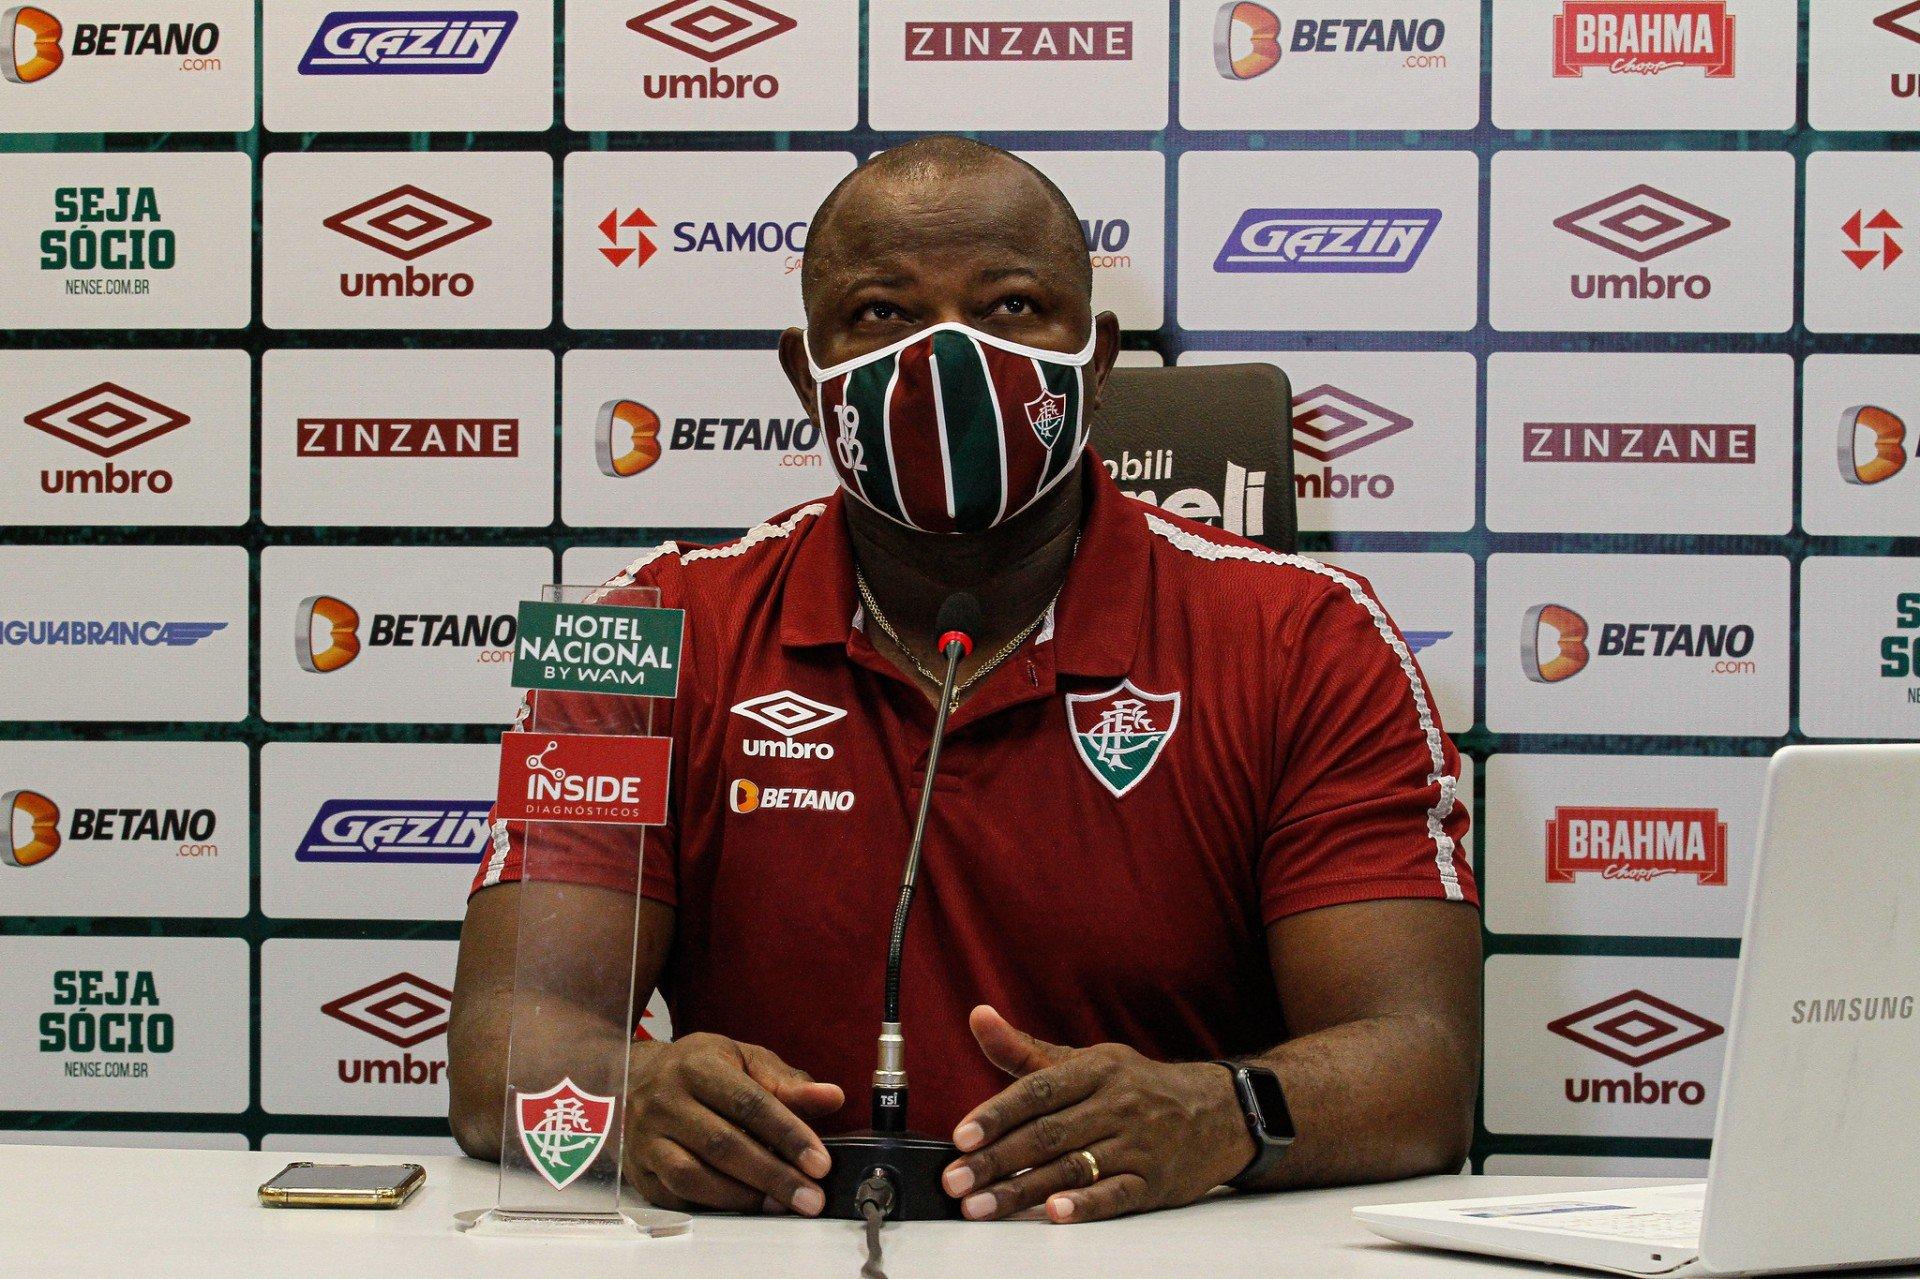 Marcão afirma que Atlético-MG é favorito na Copa do Brasil, mas destaca: 'Nosso time é corajoso'